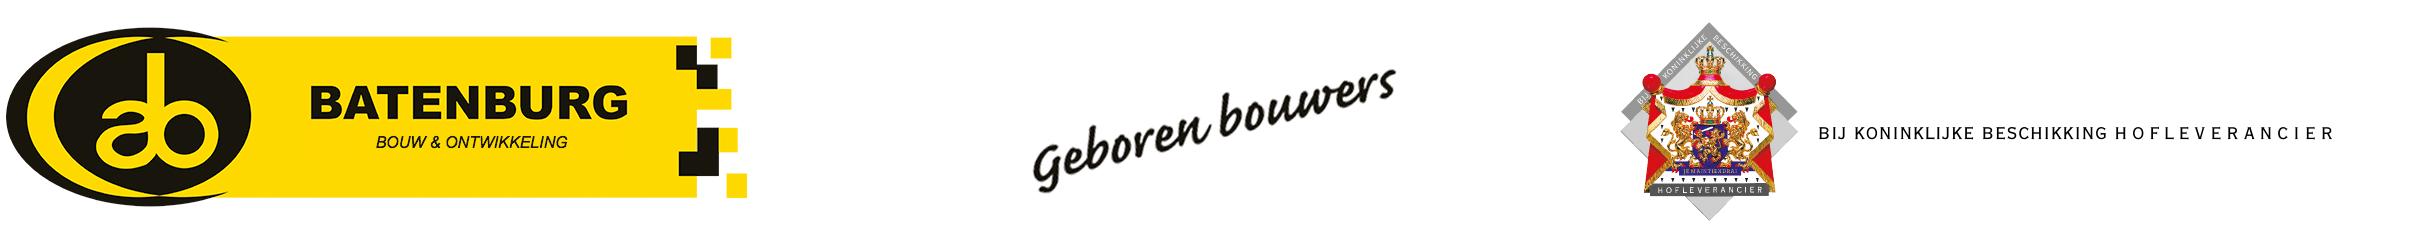 Batenburg bv